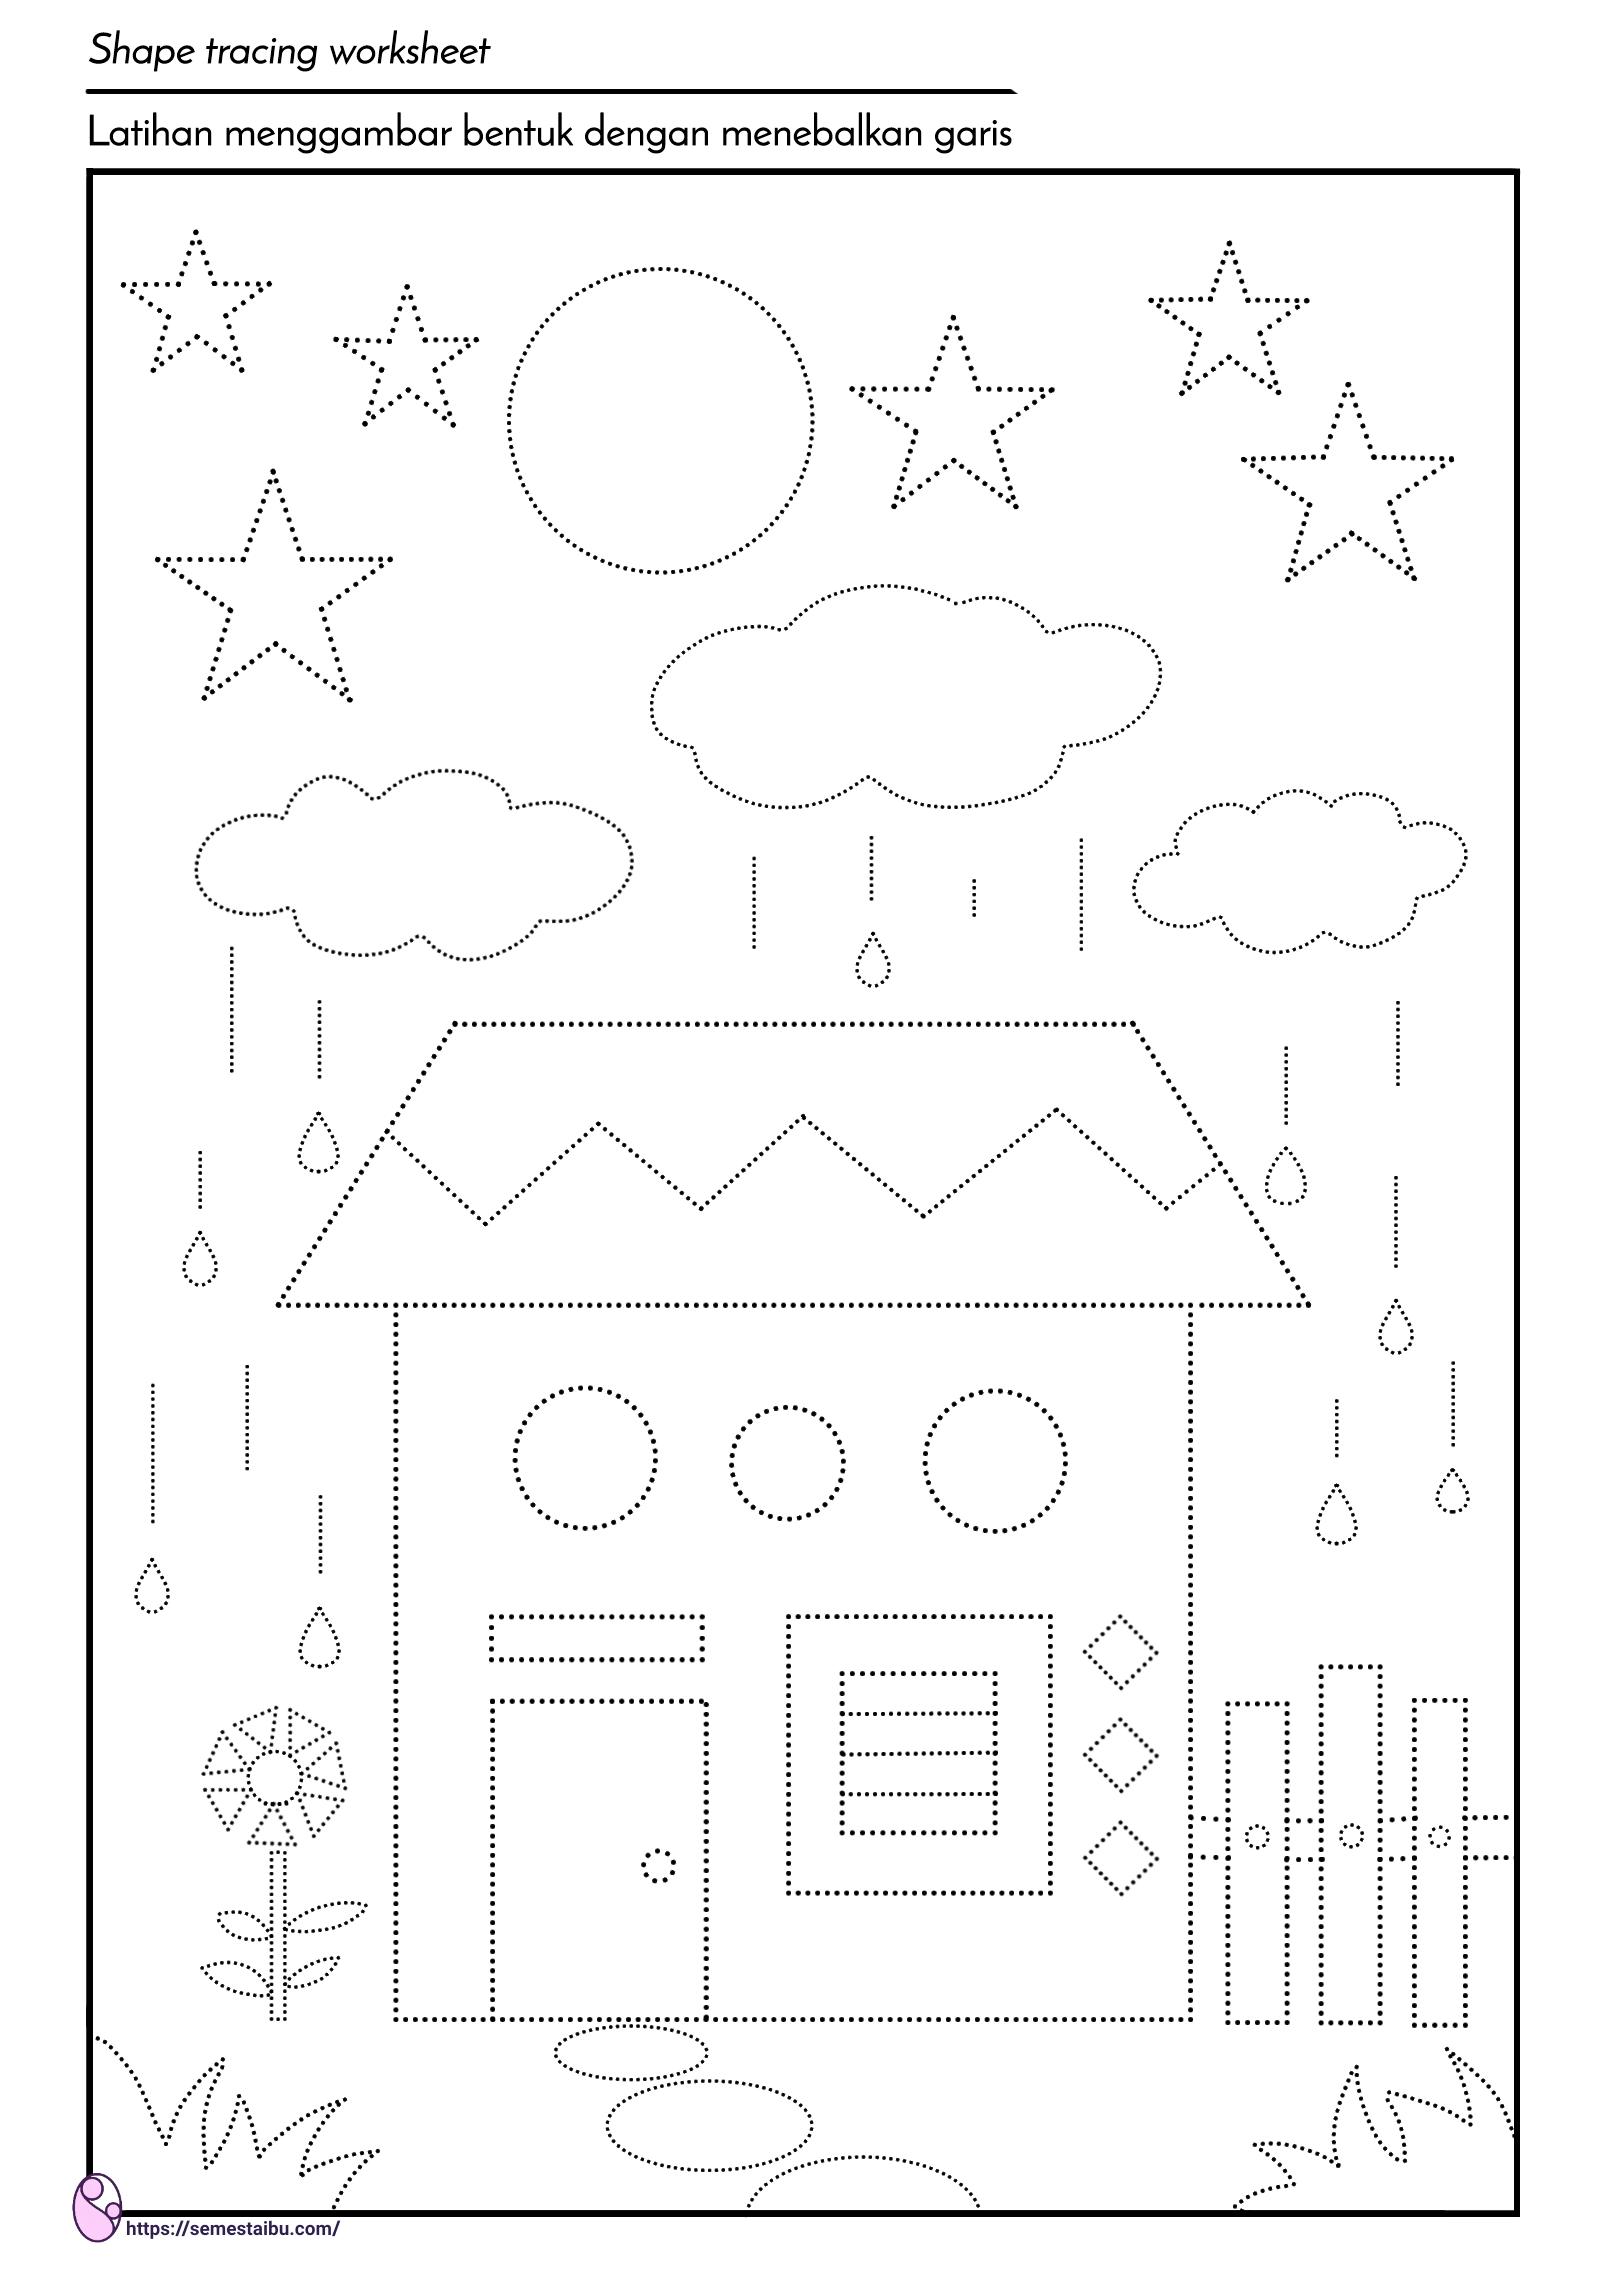 Lembar Kerja Anak TK - menebalkan garis bentuk - mengenal geometri